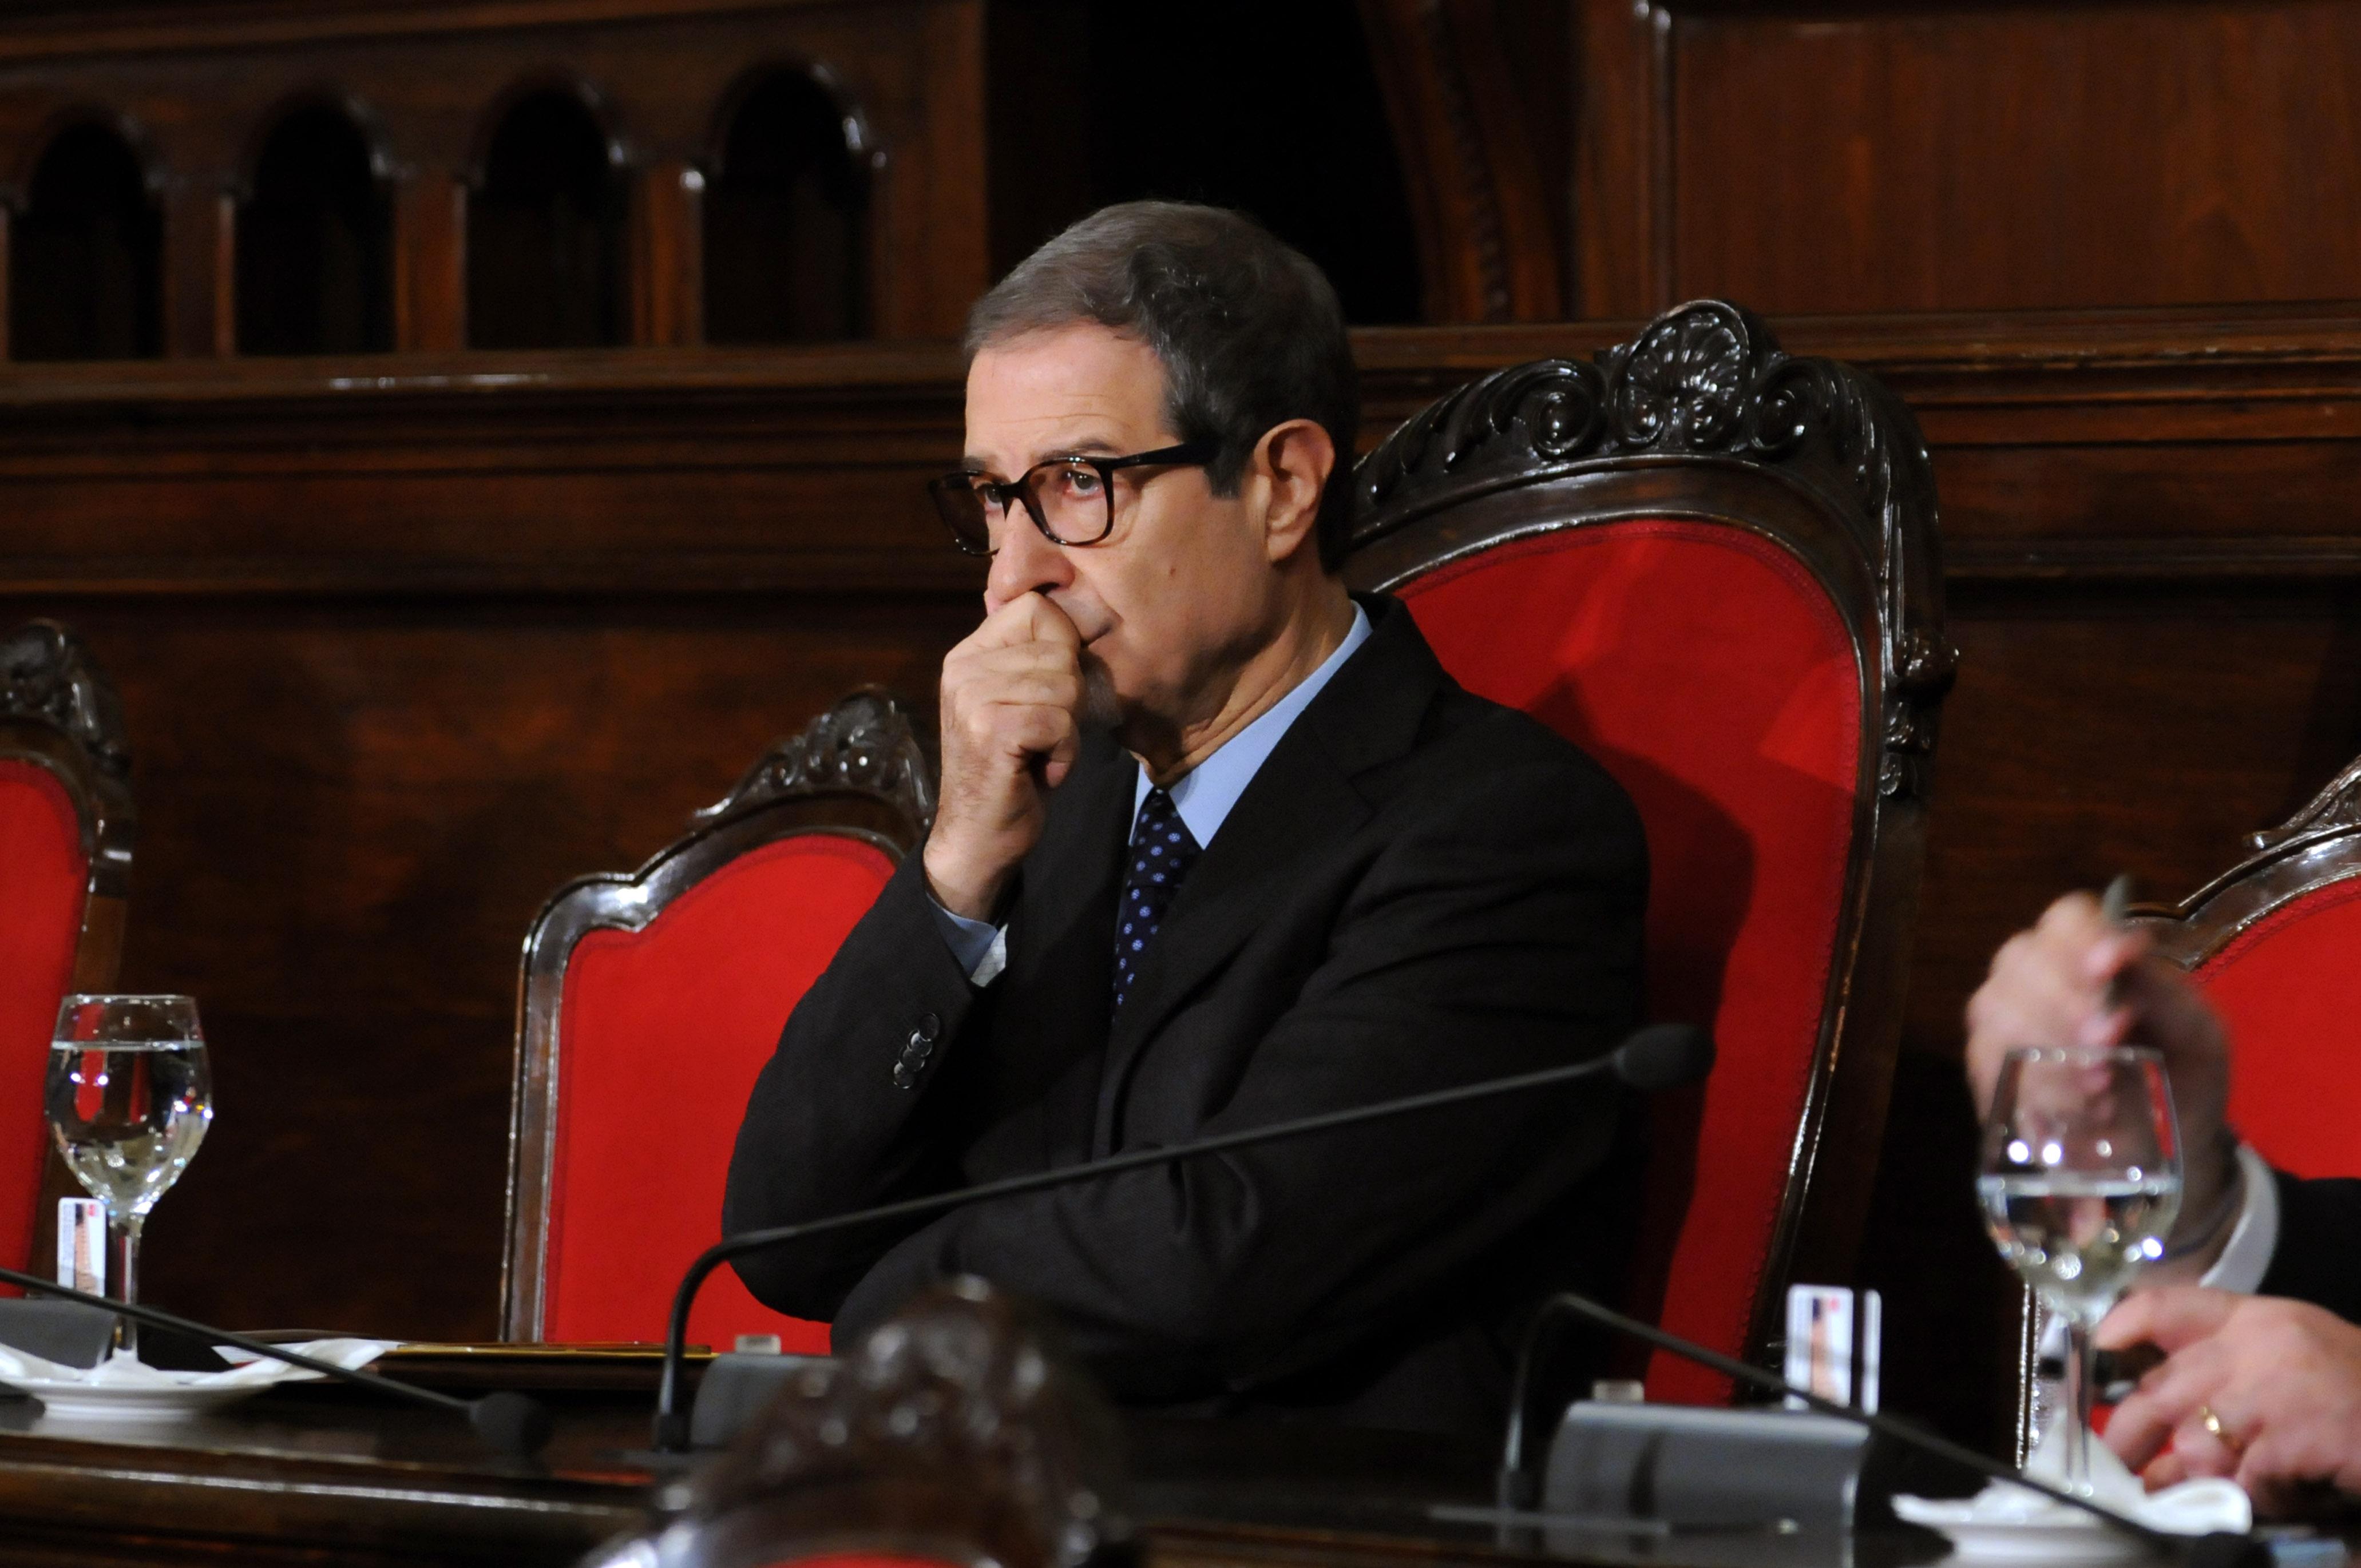 28-03-2018 Palermo Il governatore Nello Musumeci.Mike Palazzotto